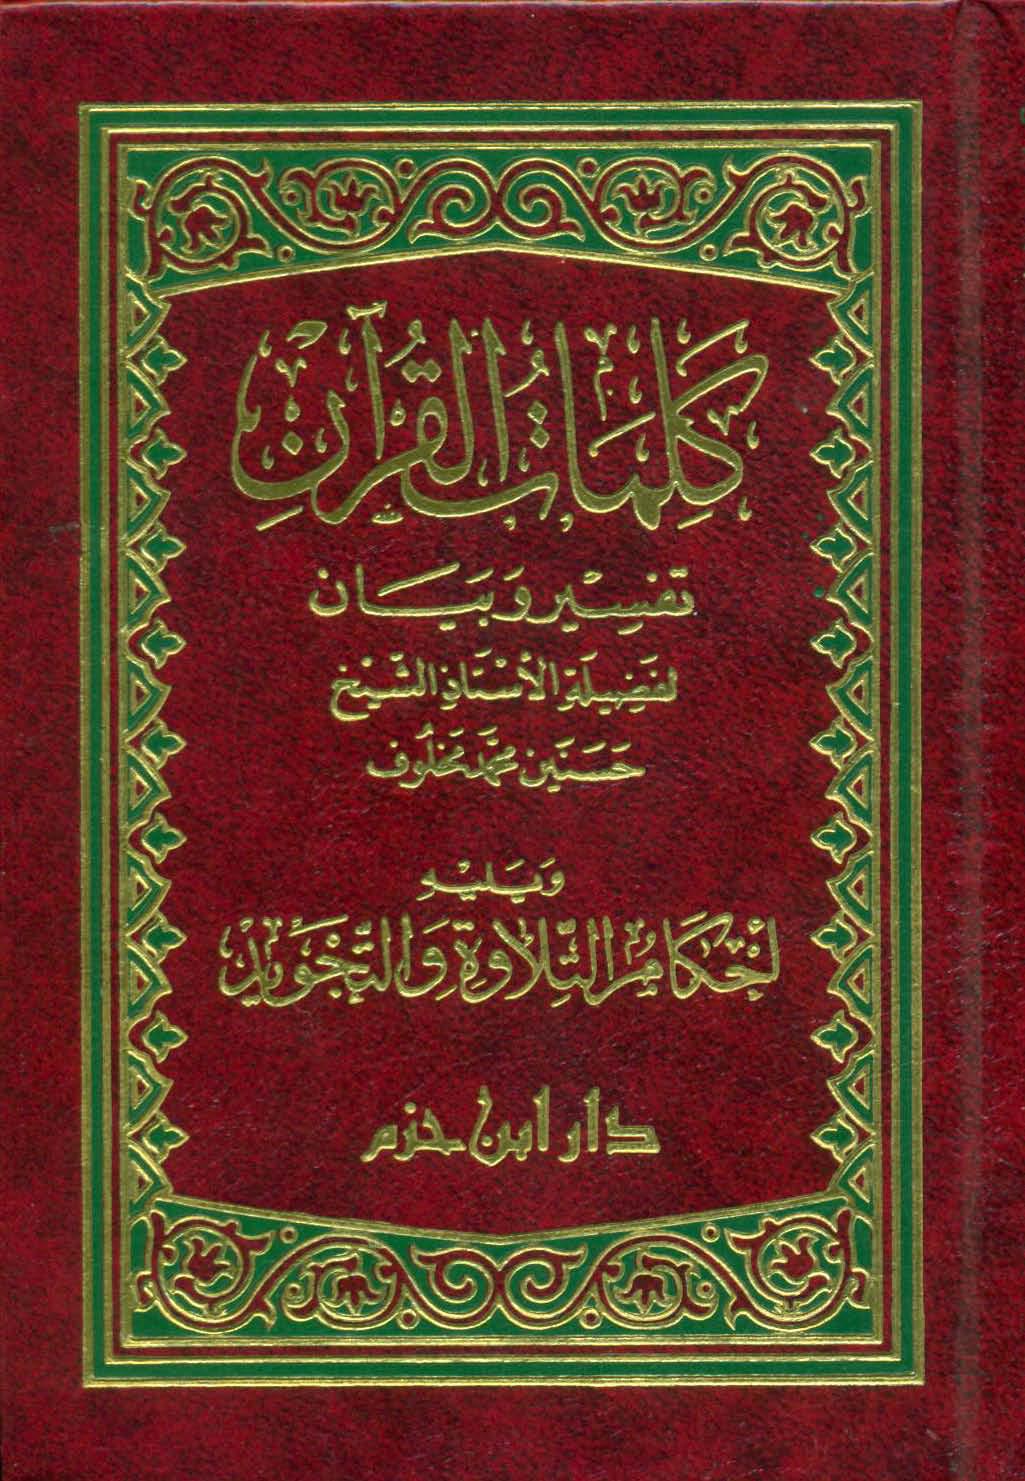 كلمات القرآن تفسير وبيان، ويليه: أحكام التلاوة والتجويد - حسنين محمد حسنين مخلوف العدوي (ت 1410)